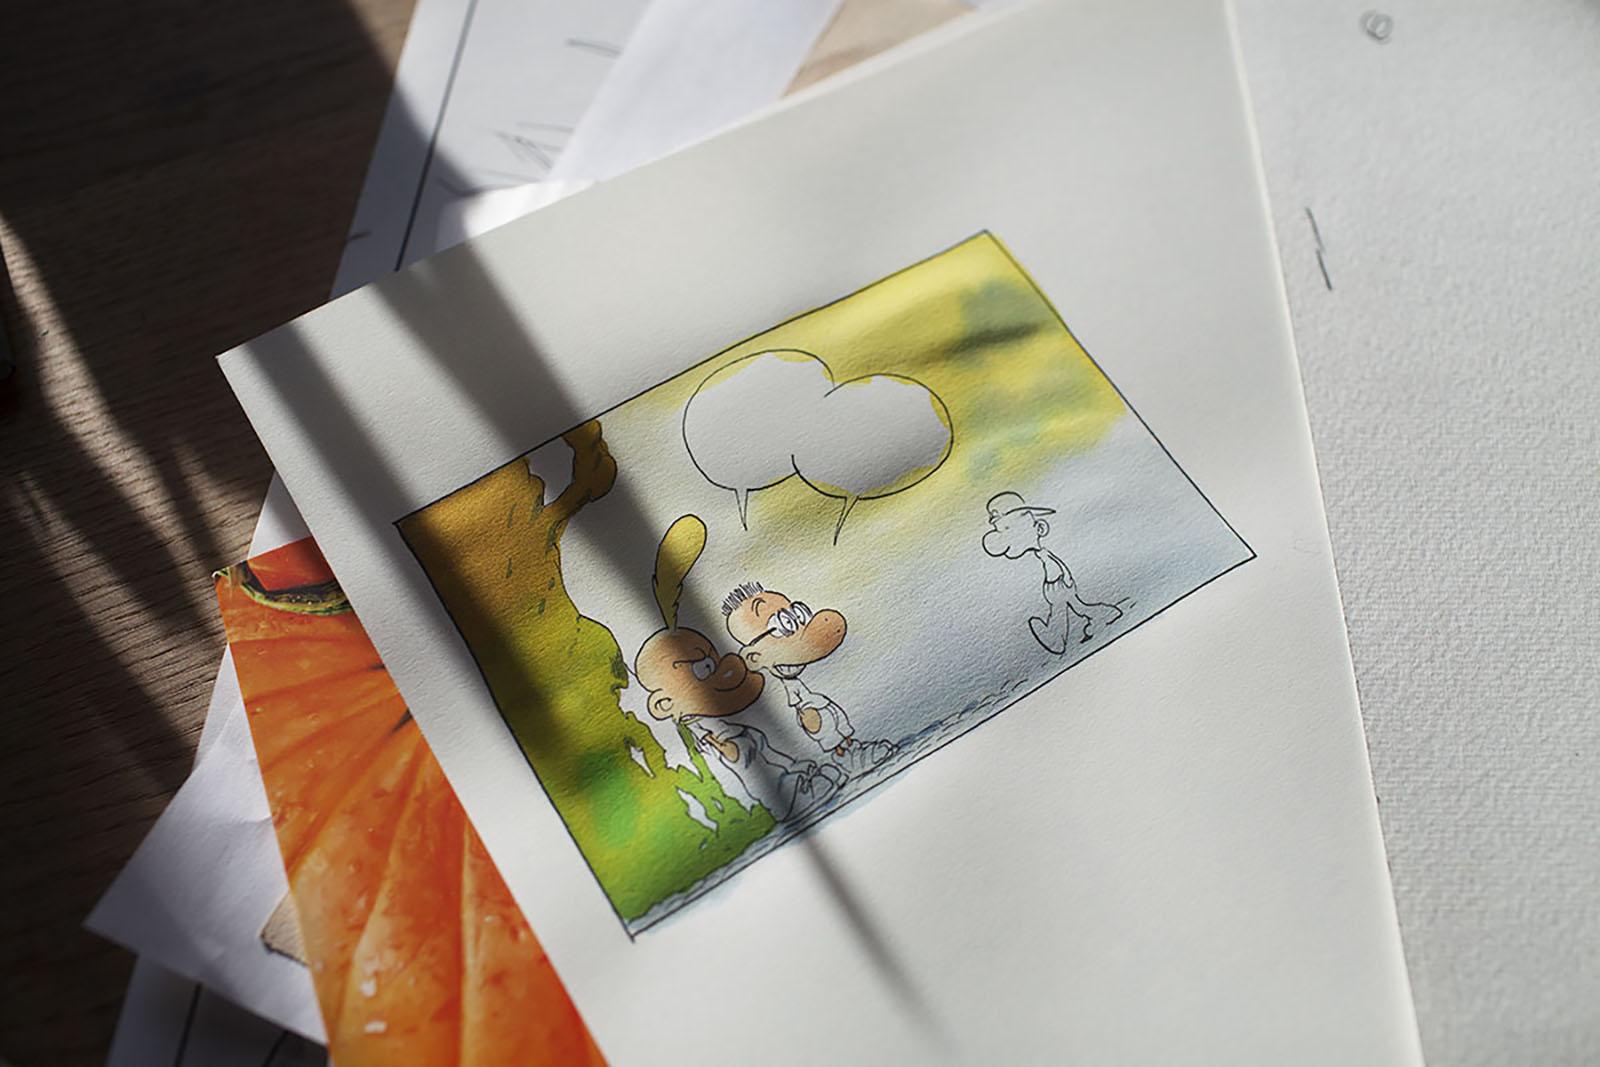 Zep le fou de dessin - Page 6 Img15-1600